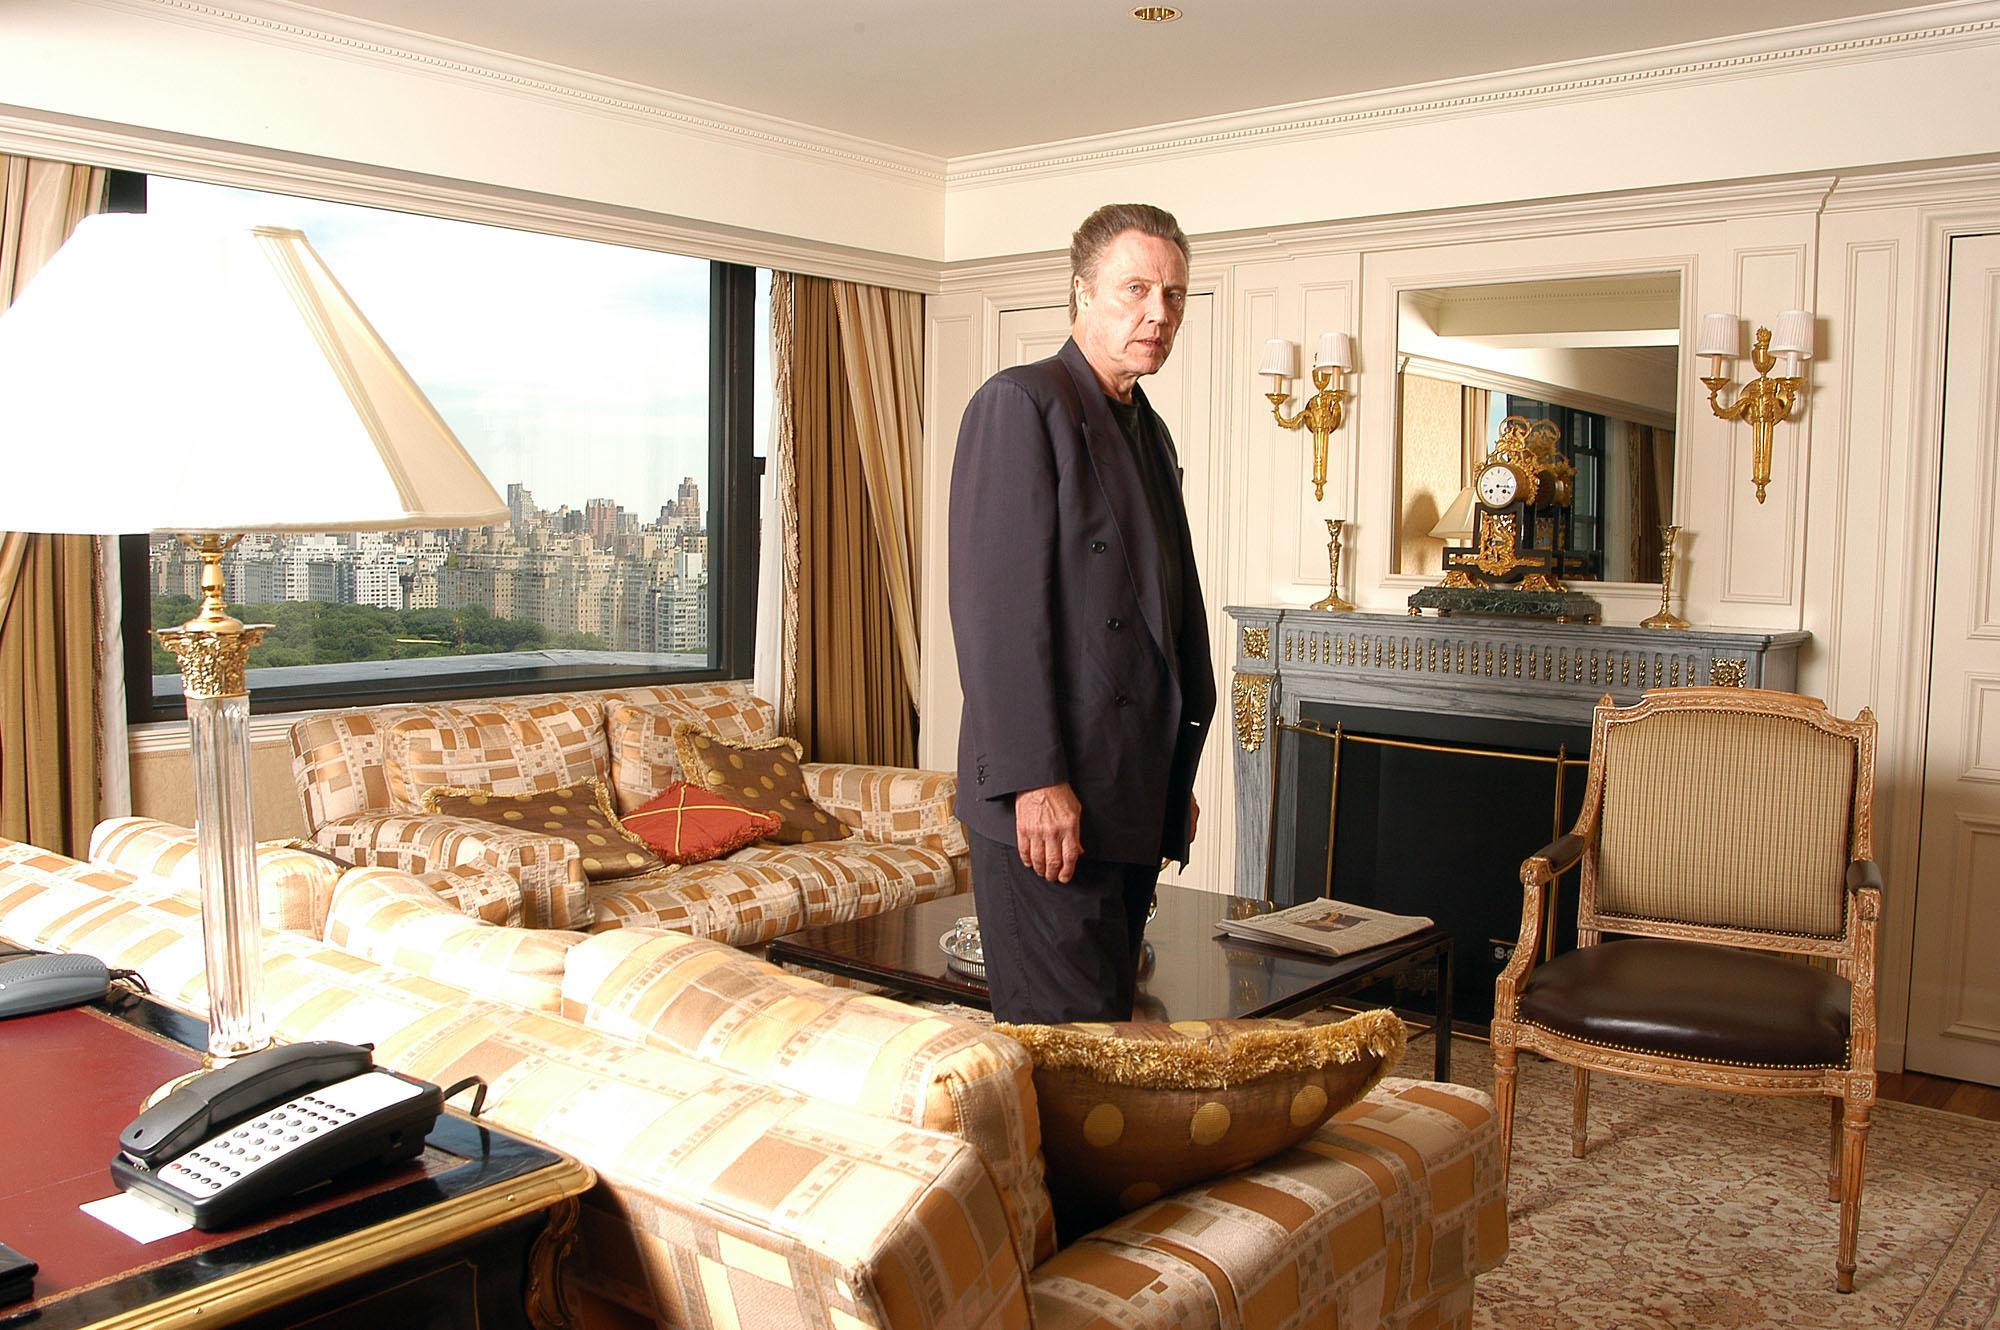 Christopher Walkens